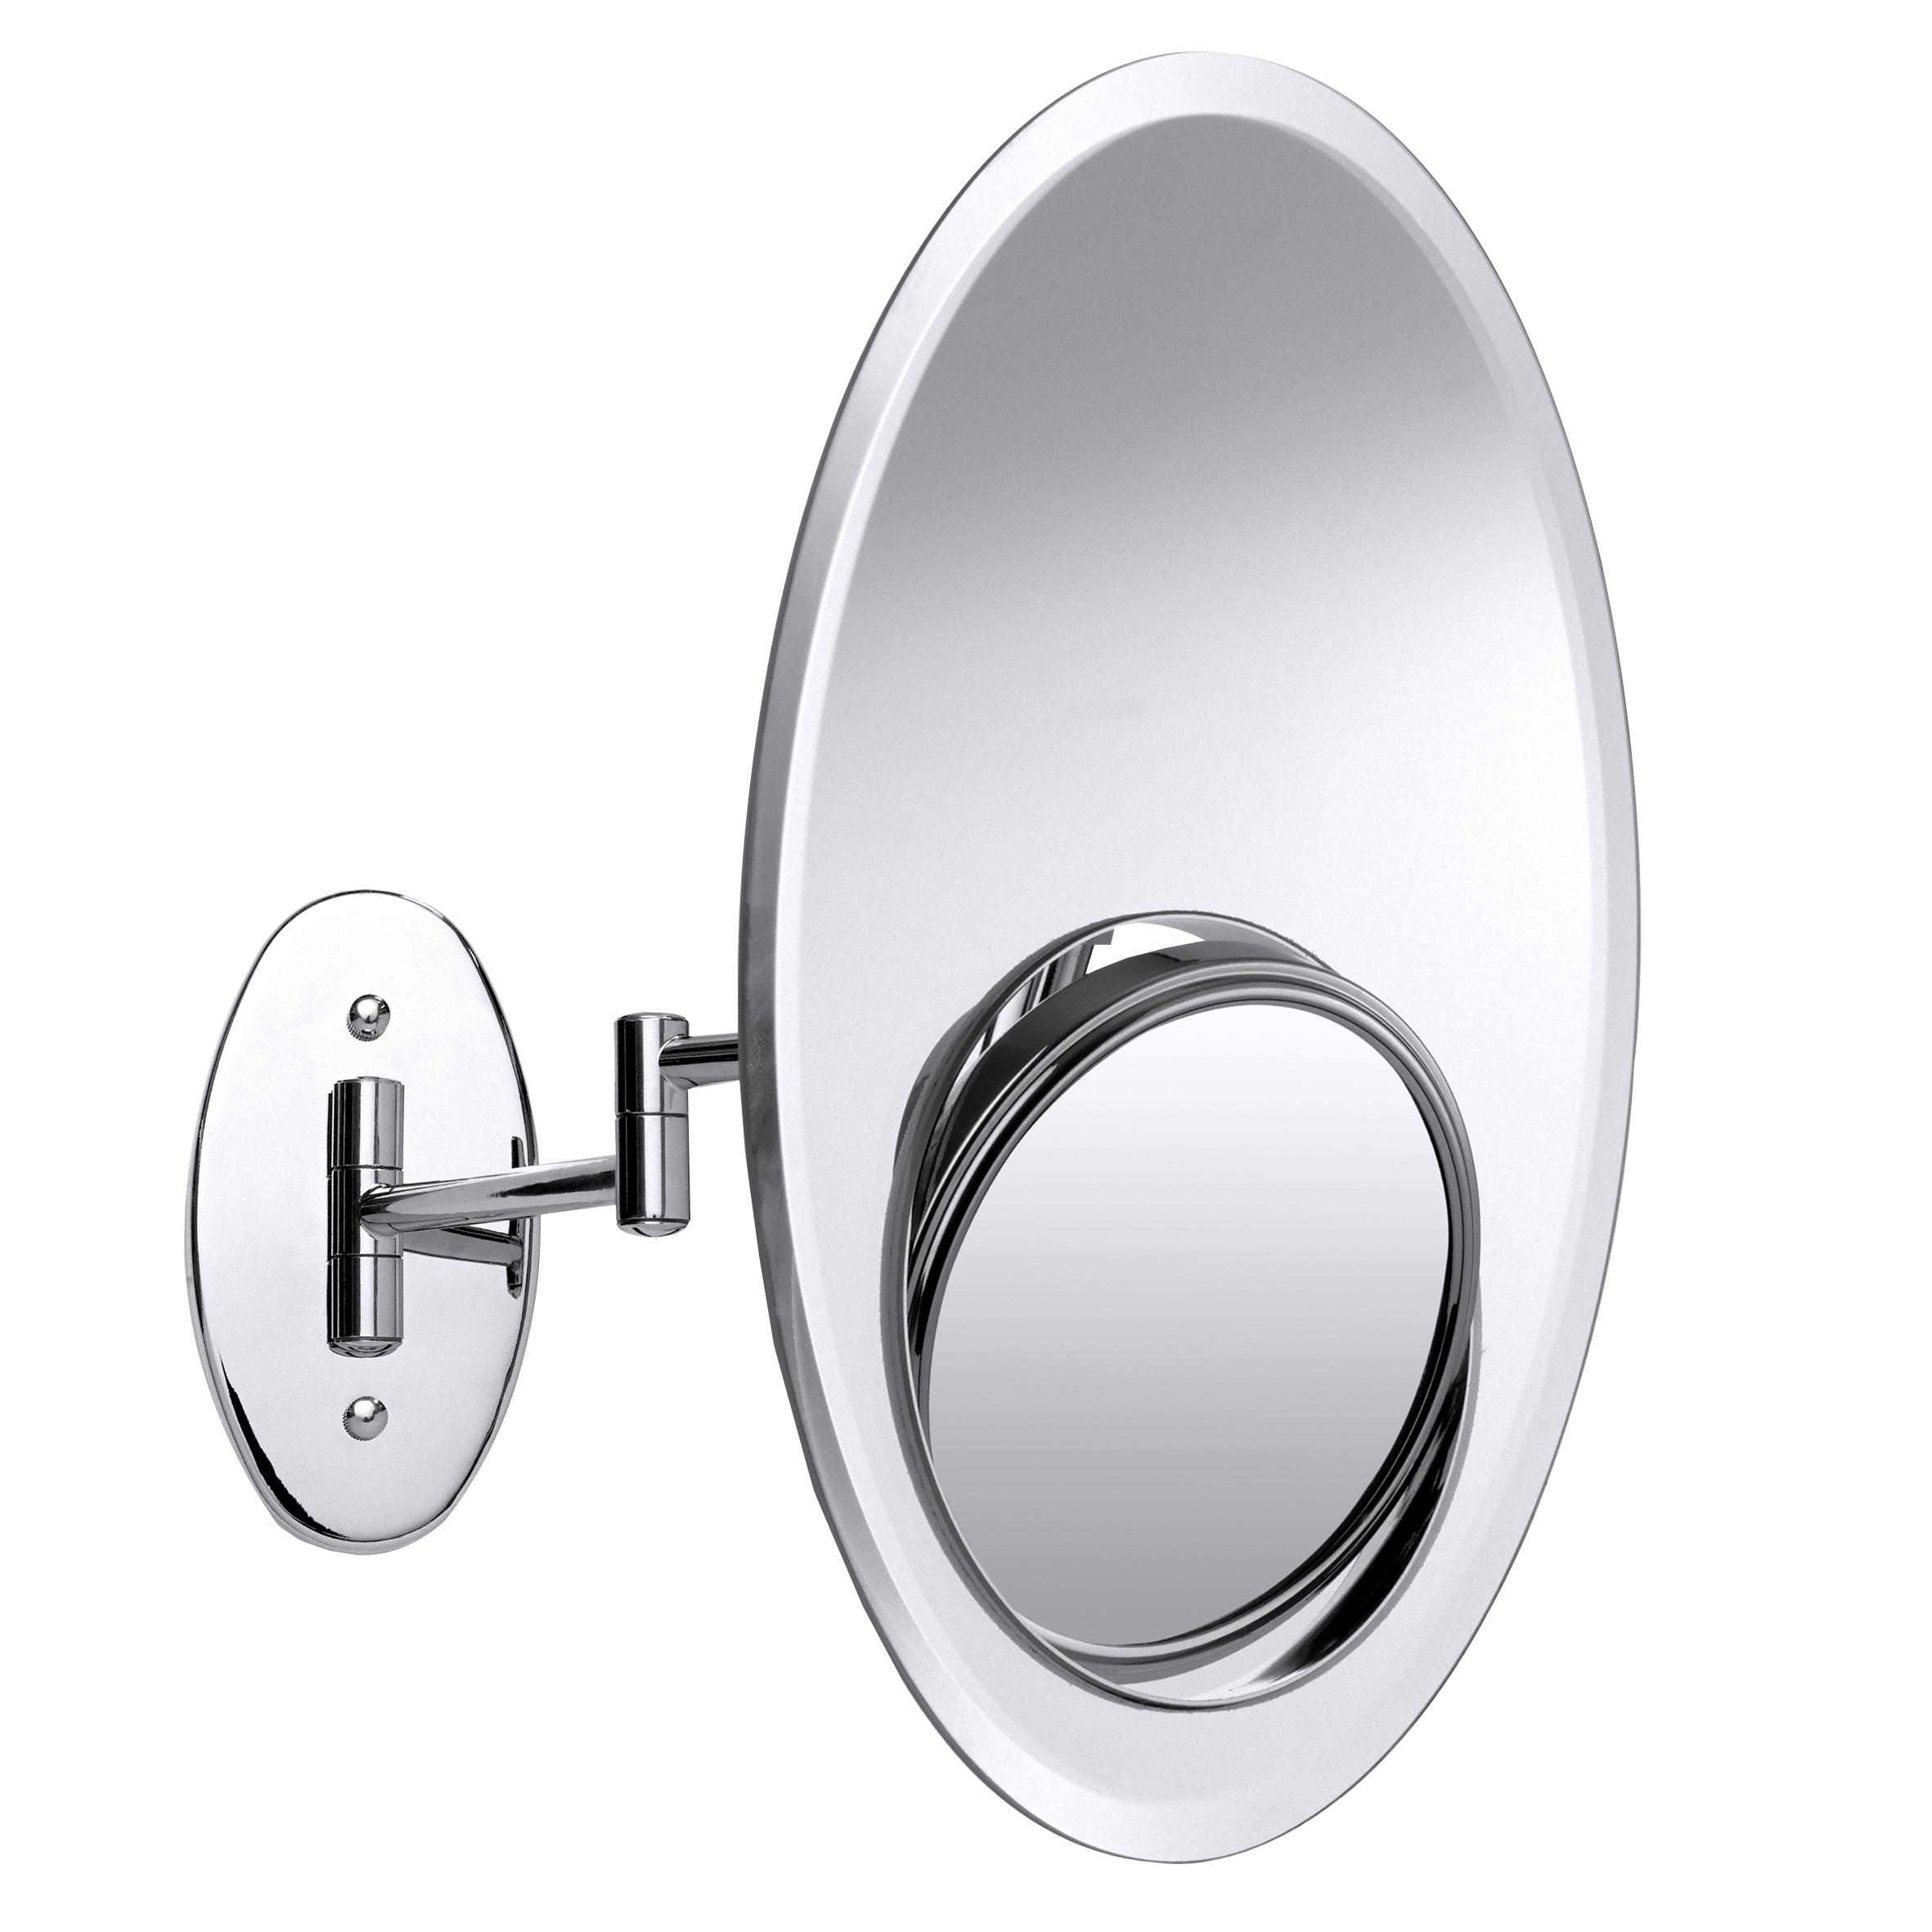 Зеркало косметическое Axentia, настенное, диаметр 12,5 см282808Настенное косметическое зеркало 3 в 1 Axentia, изготовленное из стали и стекла, идеально подходит для нанесения макияжа и совершения различных косметических процедур. Изделие овальной формы имеет встроенное двухстороннее зеркало. Зеркало с регулируемым углом наклона позволит вам установить его так, как это удобно вам, а увеличение в 2 и в 8 раз на каждой из сторон поможет разглядеть даже малейшие нюансы и устранить все недостатки кожи. Возможность использовать 3 типа зеркала создаст дополнительный комфорт при использовании данного аксессуара. Изделие крепится на стену с помощью шурупов (в комплекте). Яркий и стильный дизайн зеркала делает его отличным подарком родным и близким, оно будет прекрасно смотреться в любом интерьере.Размер овального зеркала: 30 см х 20 см.Диаметр круглого зеркала: 12,5 см.Высота: 35 см.